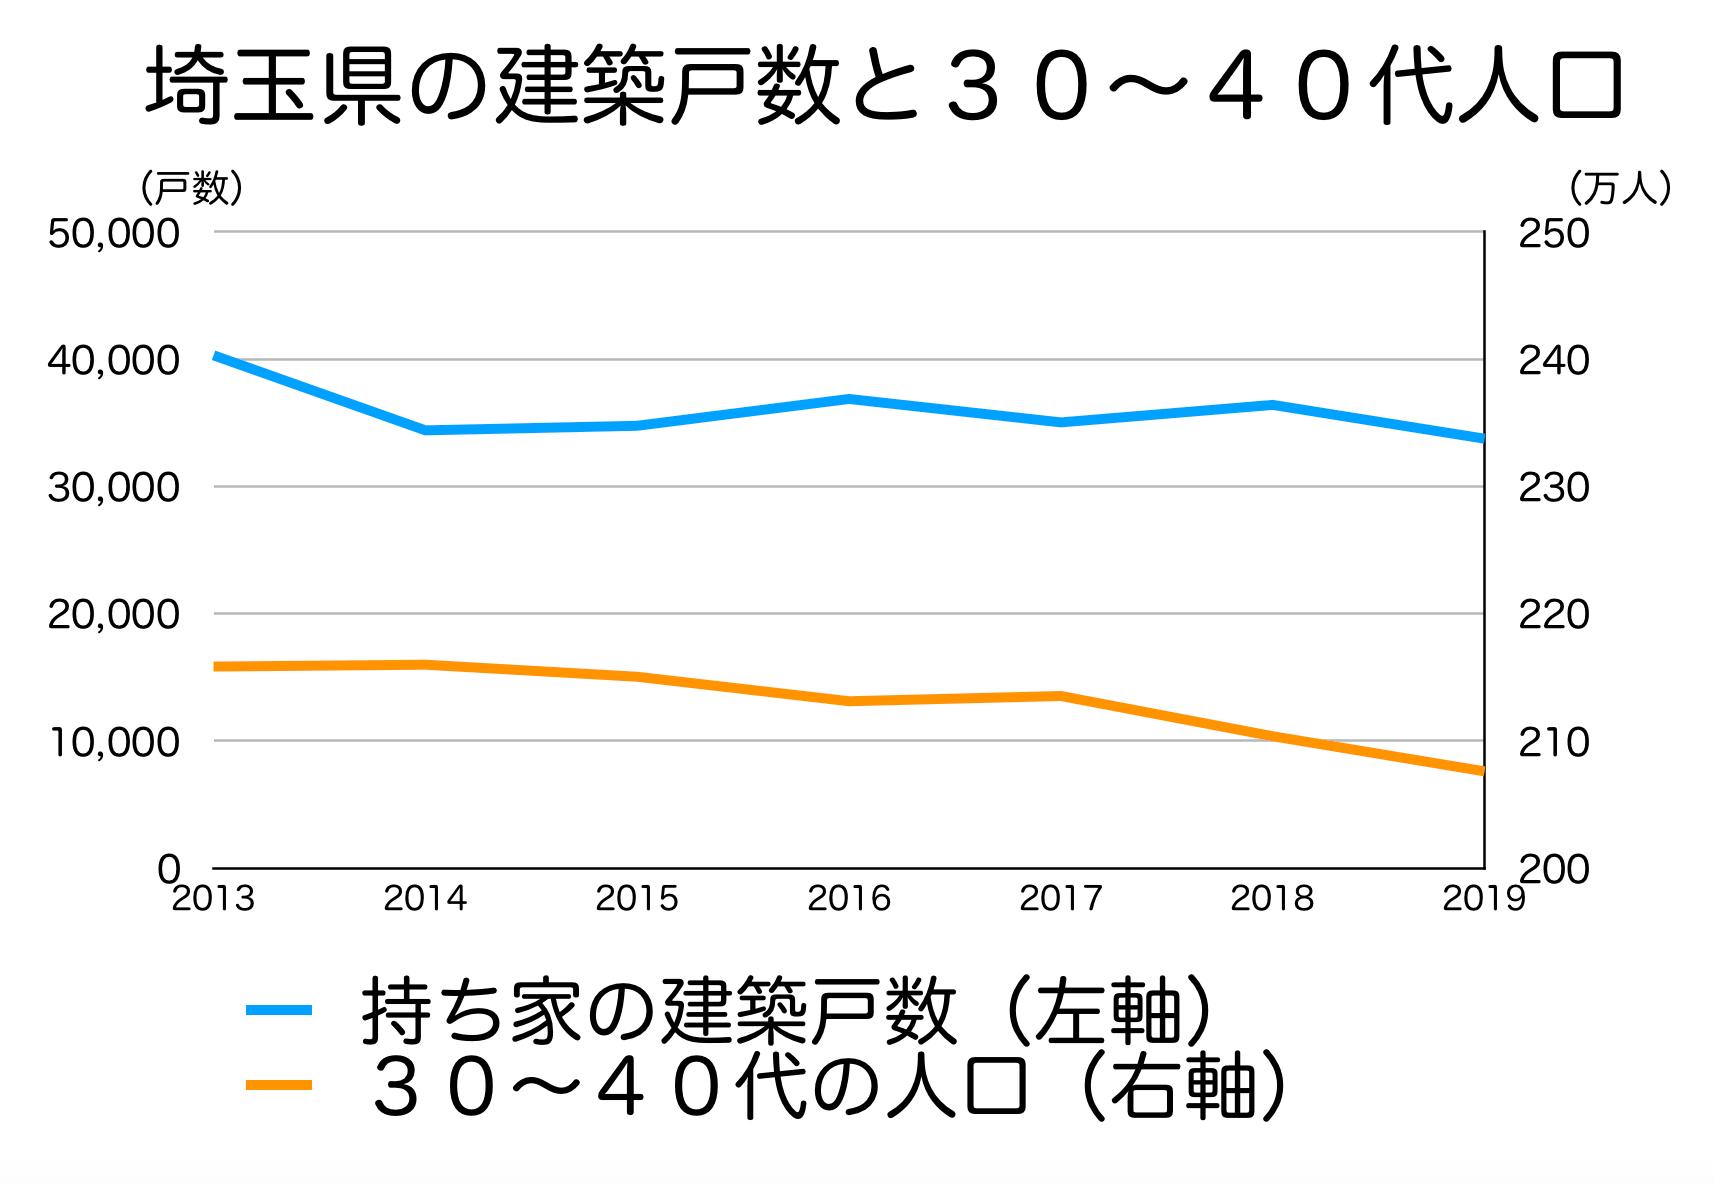 埼玉県の新設戸数と30〜40代人口